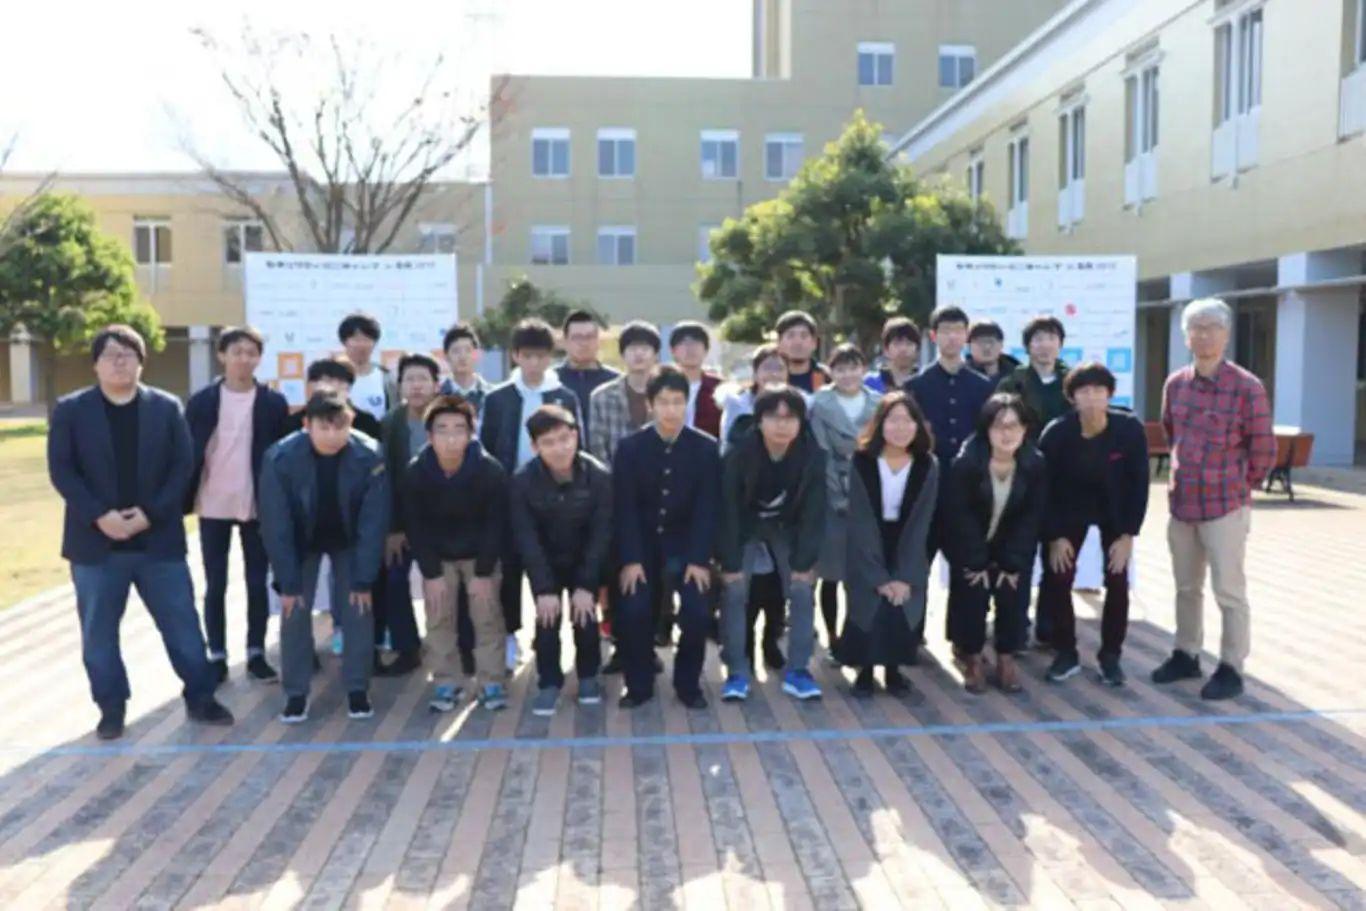 セキュリティ・ミニキャンプ in 長崎 2019を開催しました